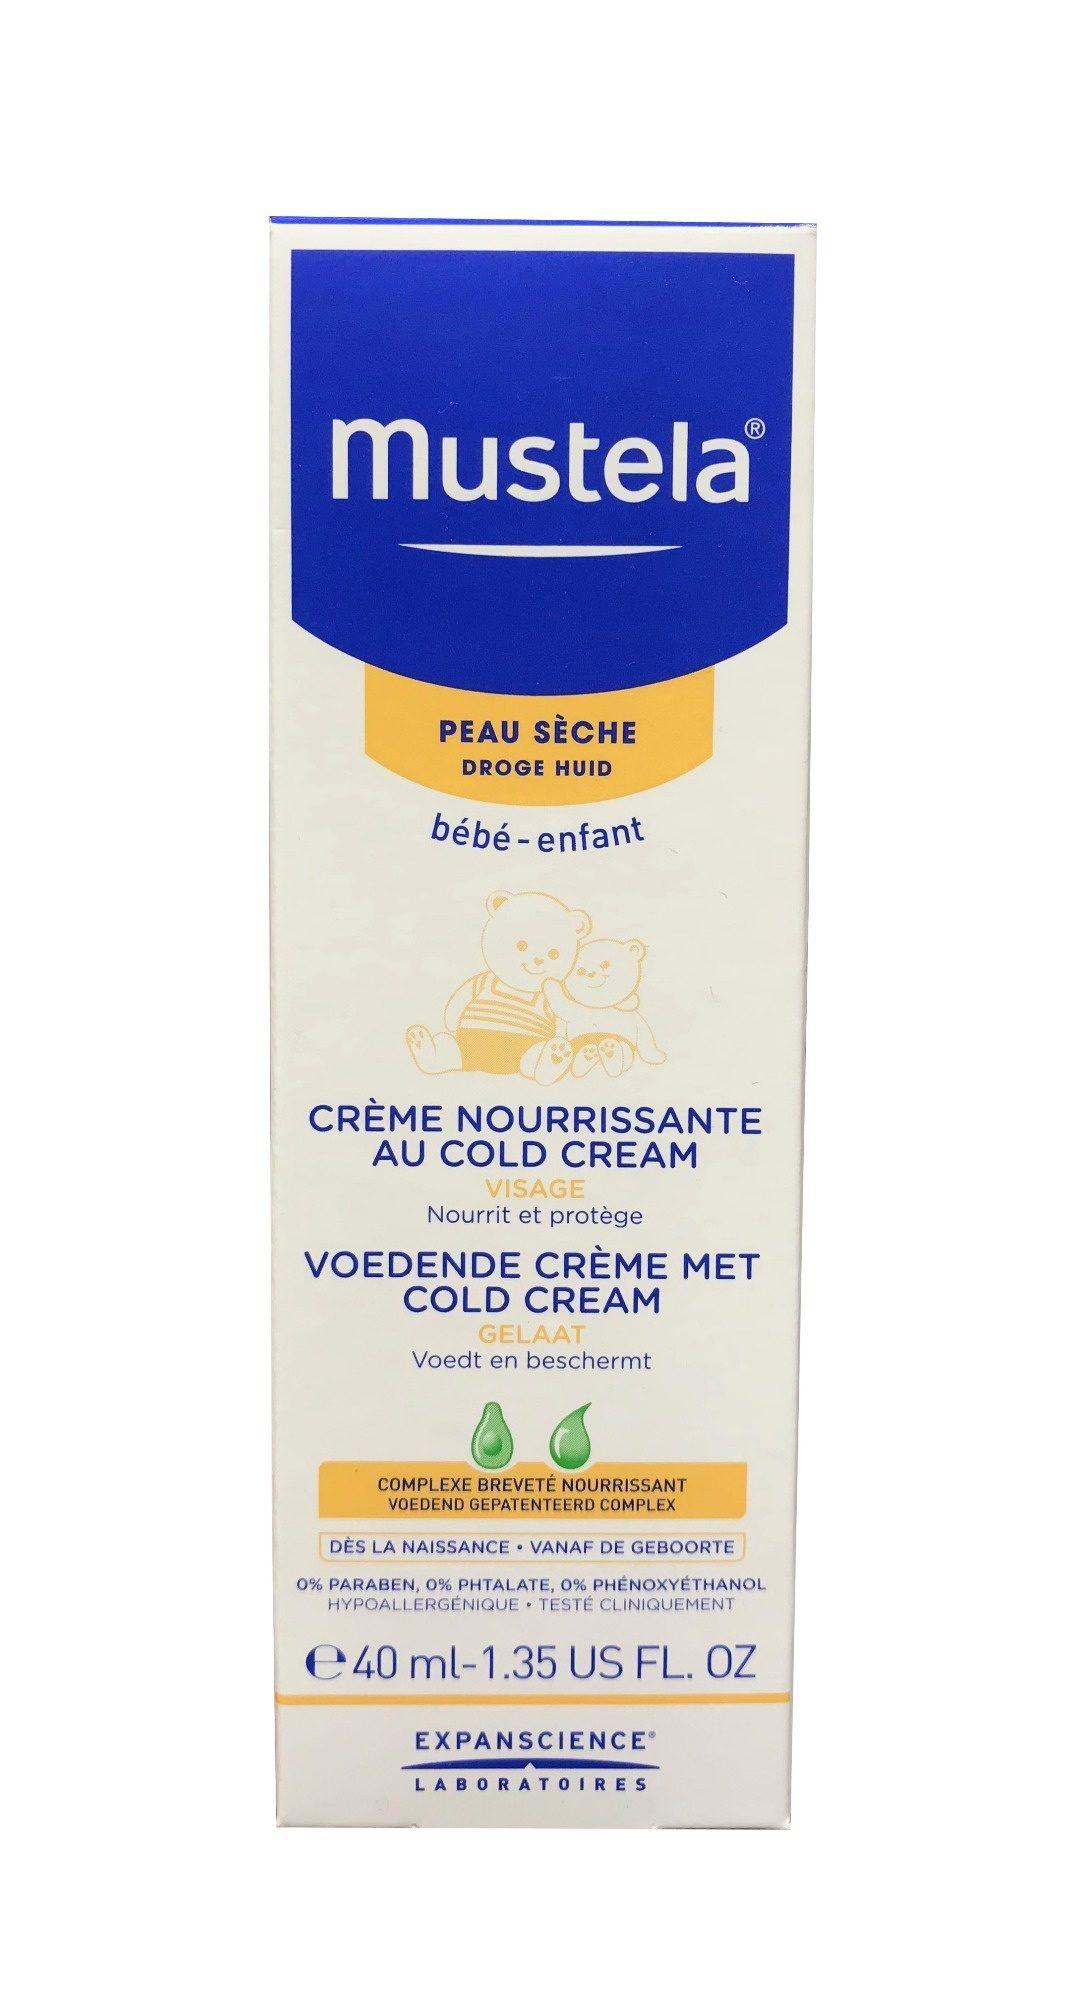 Crème nourrissante au cold cream - Product - fr